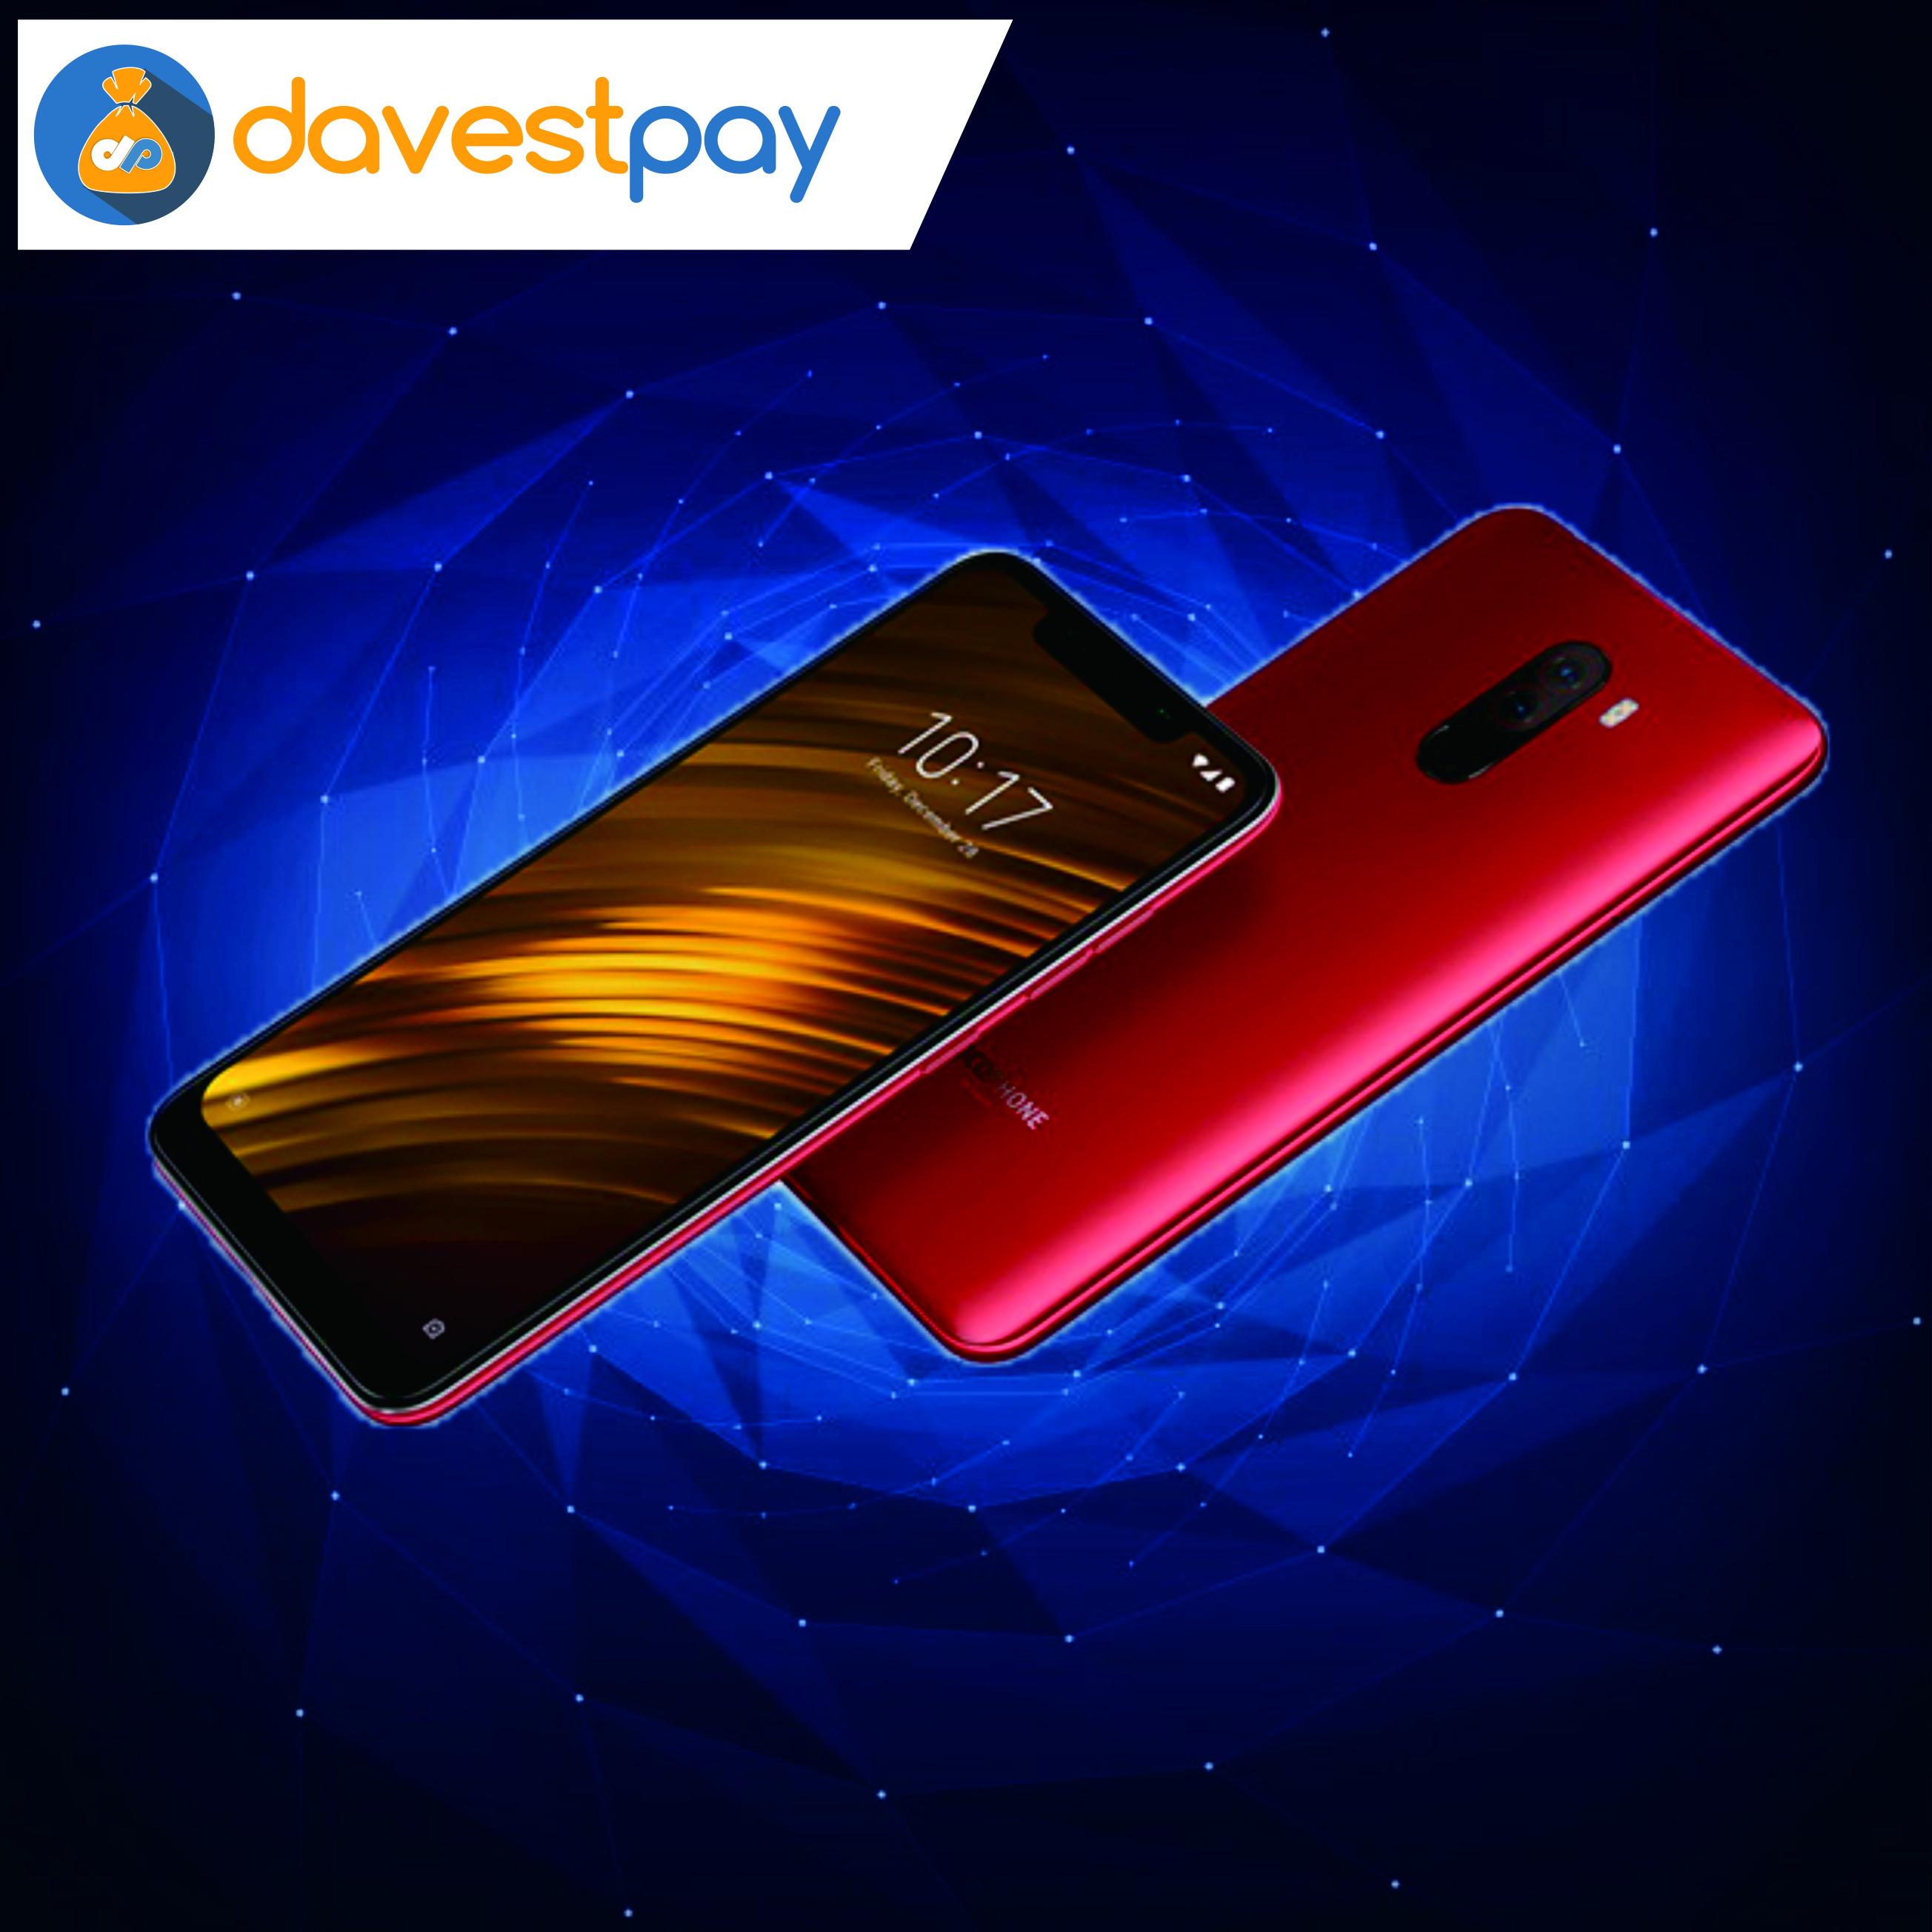 Pocophone F1, Smartphone Canggih Harga Bersahabat Keluaran Xiaomi Hadir di Indonesia